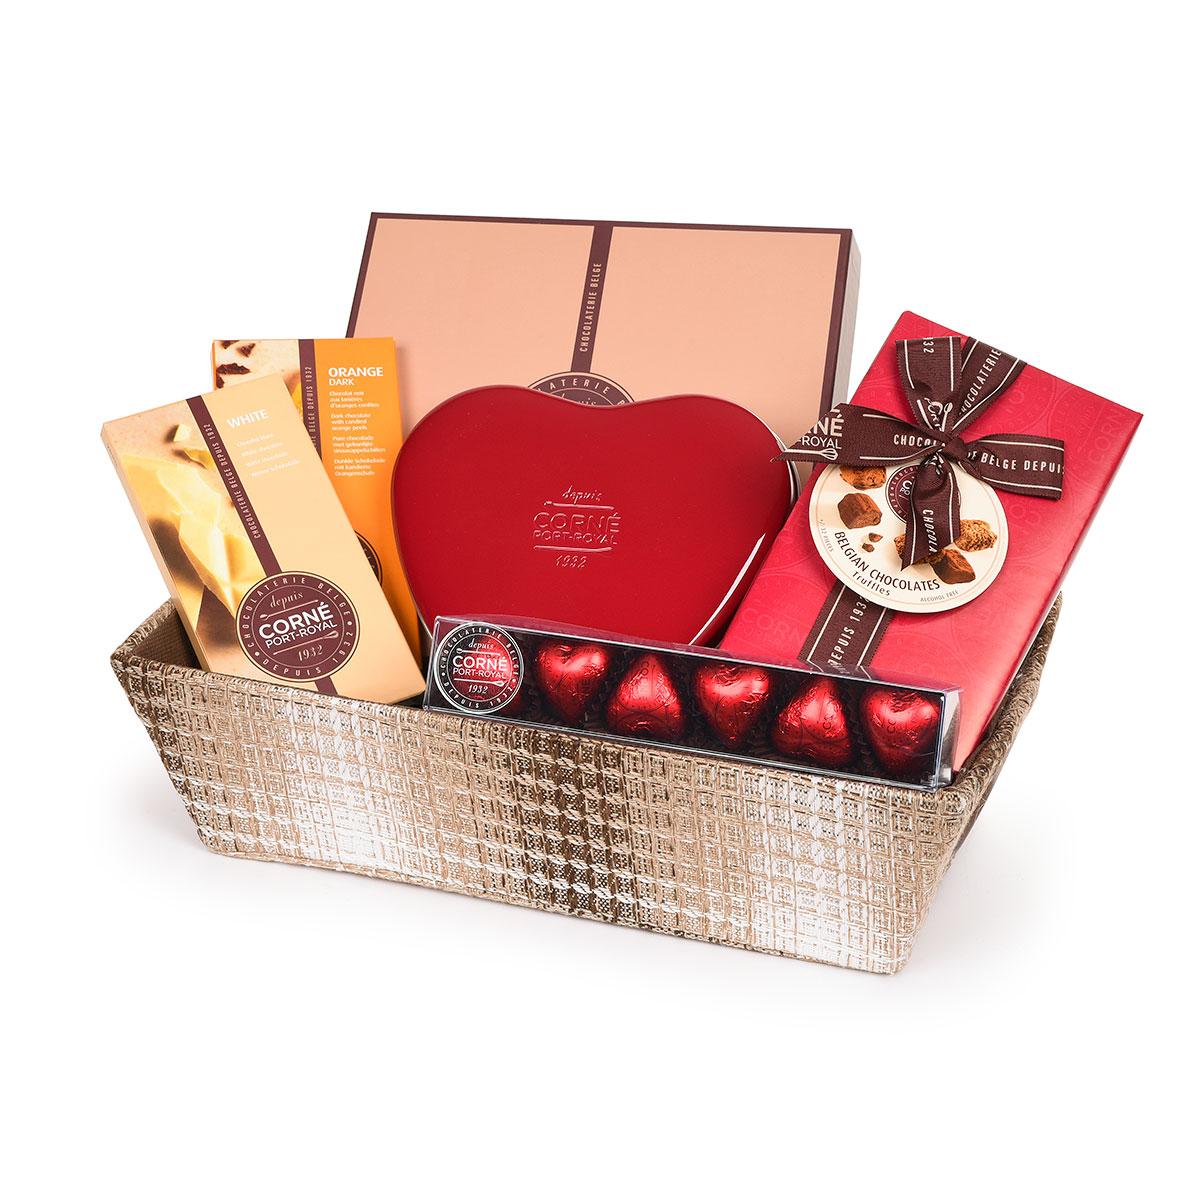 bef4e4efbddb ... panier cadeau chic en simili cuir. Découvrez · Corné Port-Royal Tendres  Moments au Chocolat